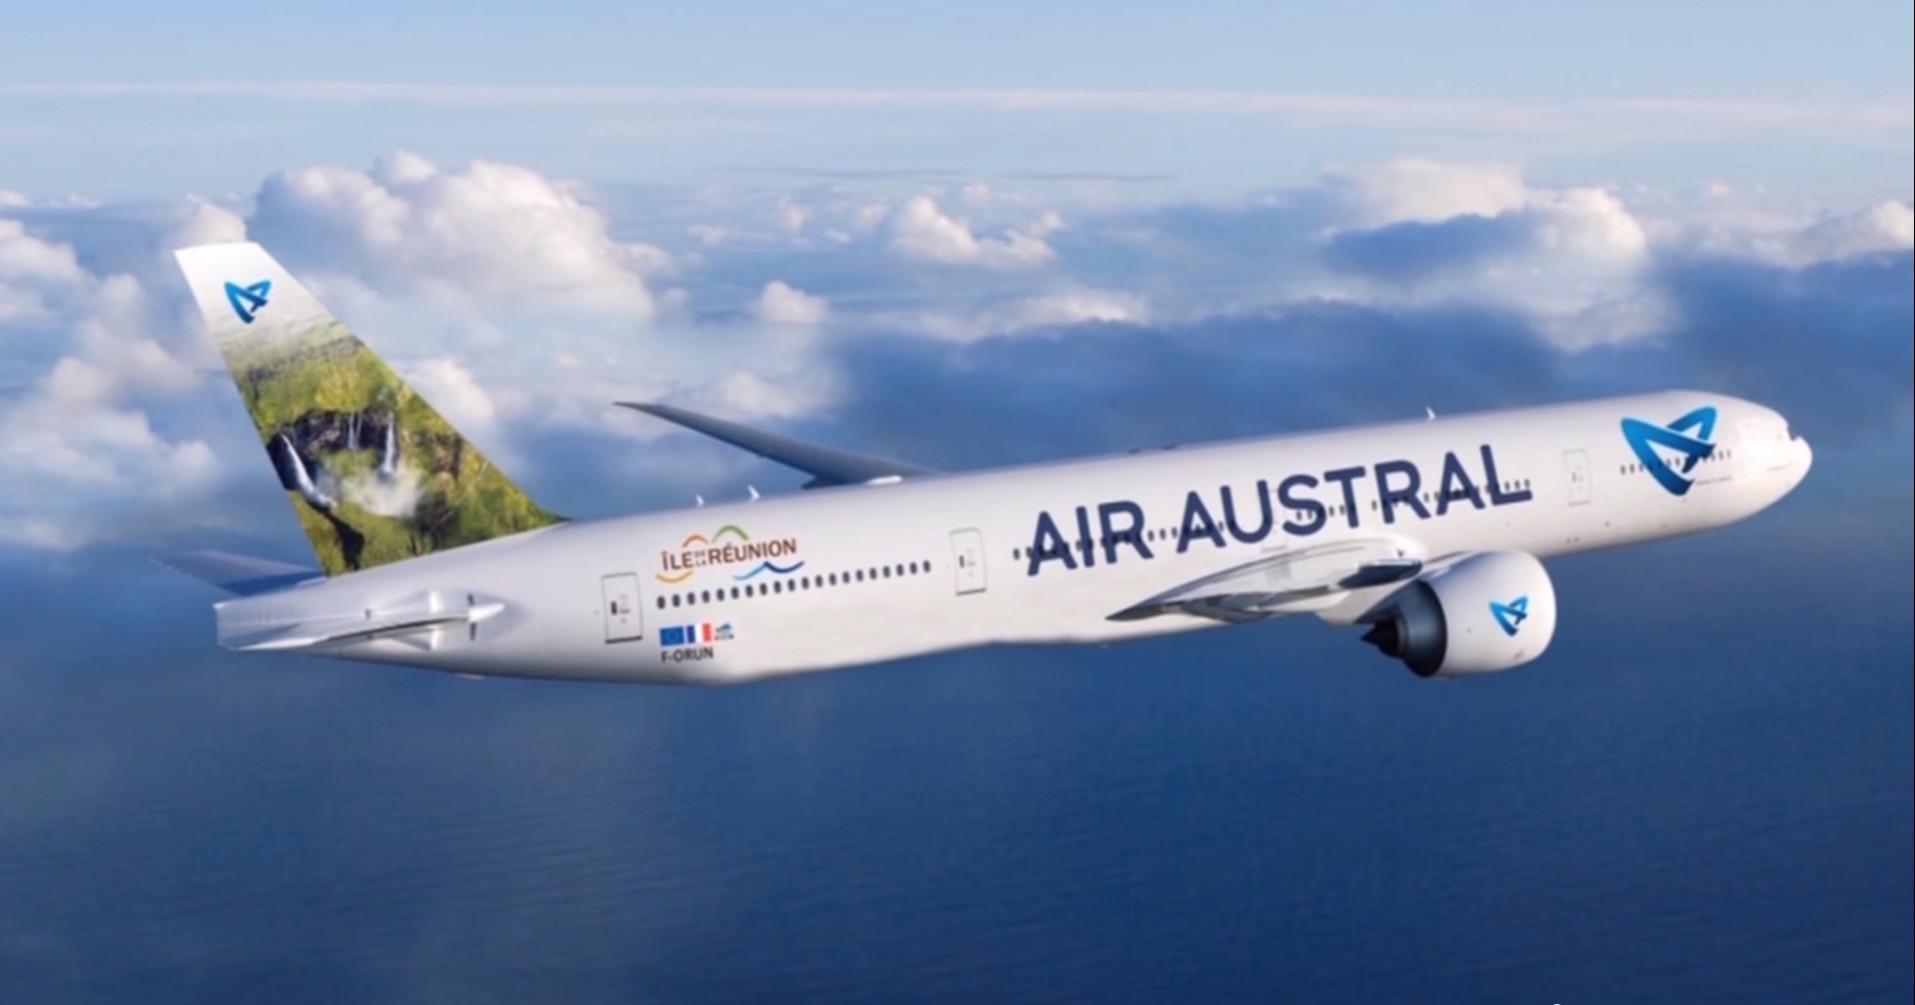 Air Austral WORLD Air_austral_20141-2